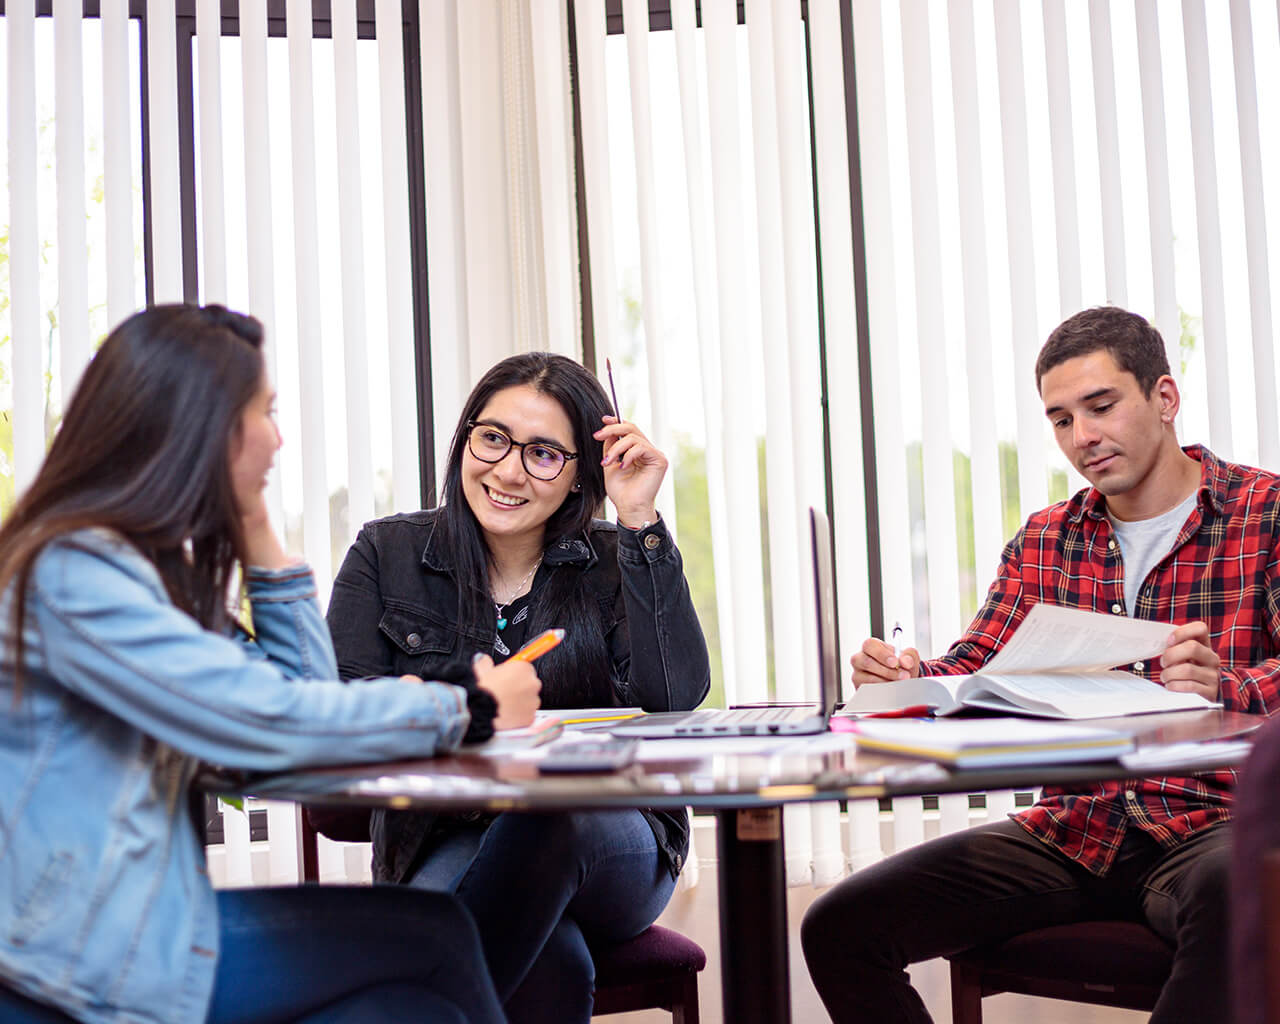 Universidad reflexiona y genera propuestas para reforzar modelo educativo